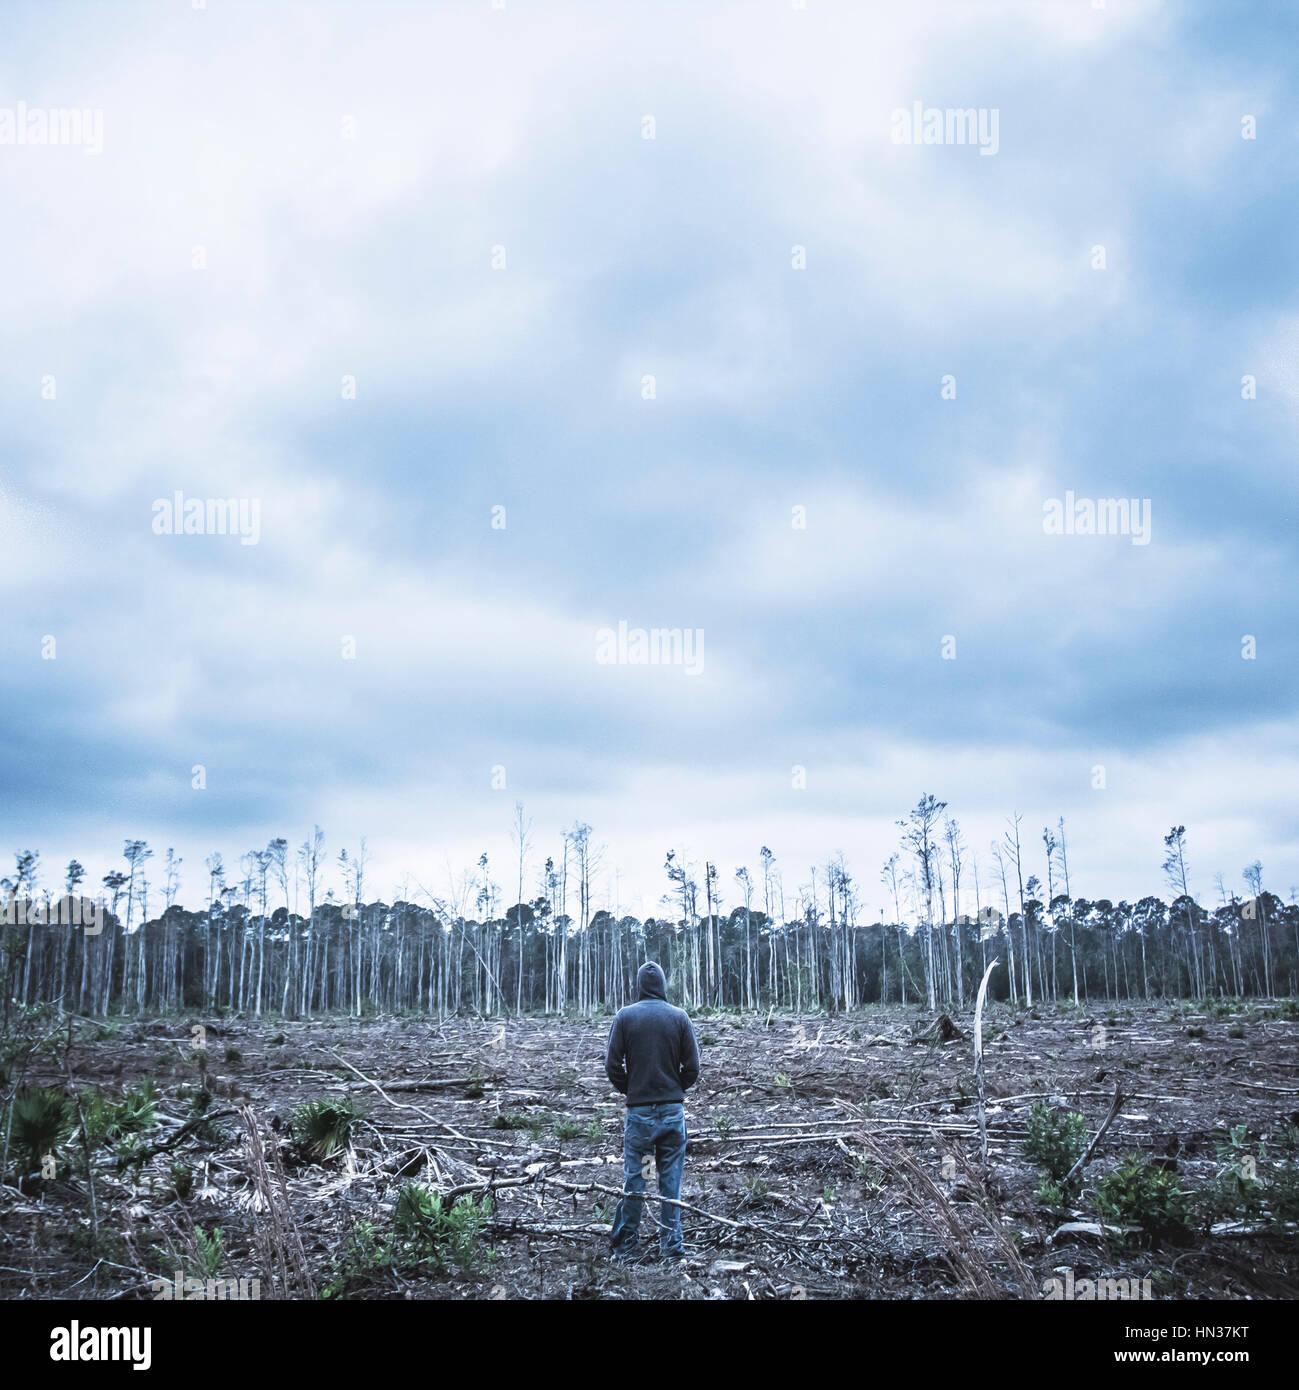 Homme debout seul au milieu d'une scène de la déforestation Banque D'Images